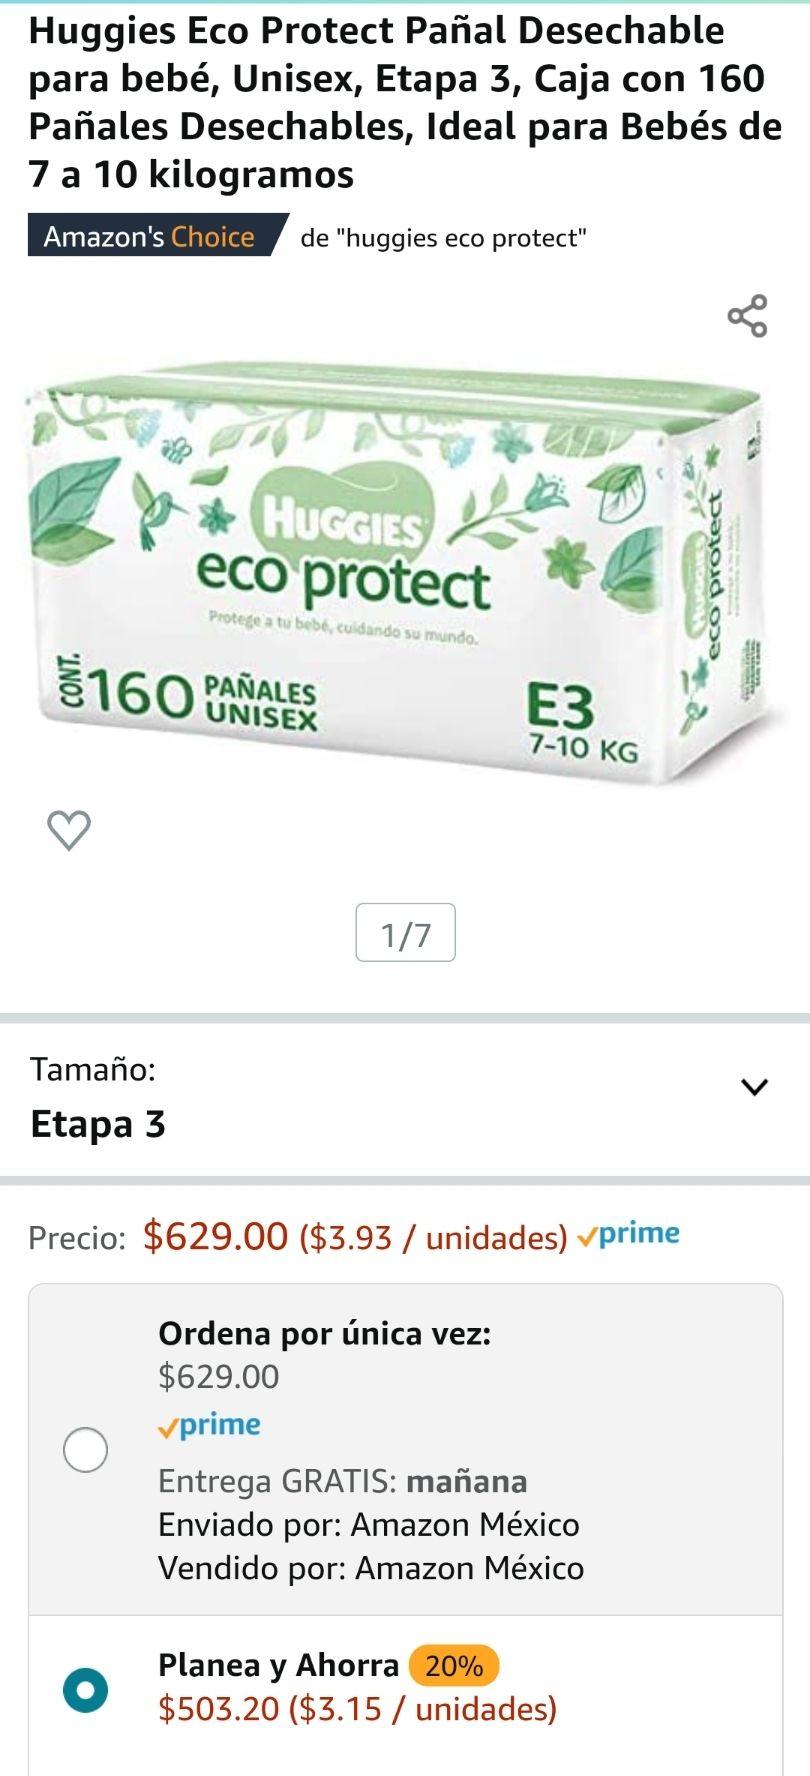 Amazon: Huggies Eco Protect Pañal para bebé, Etapa 3, Caja con 160 Pañales